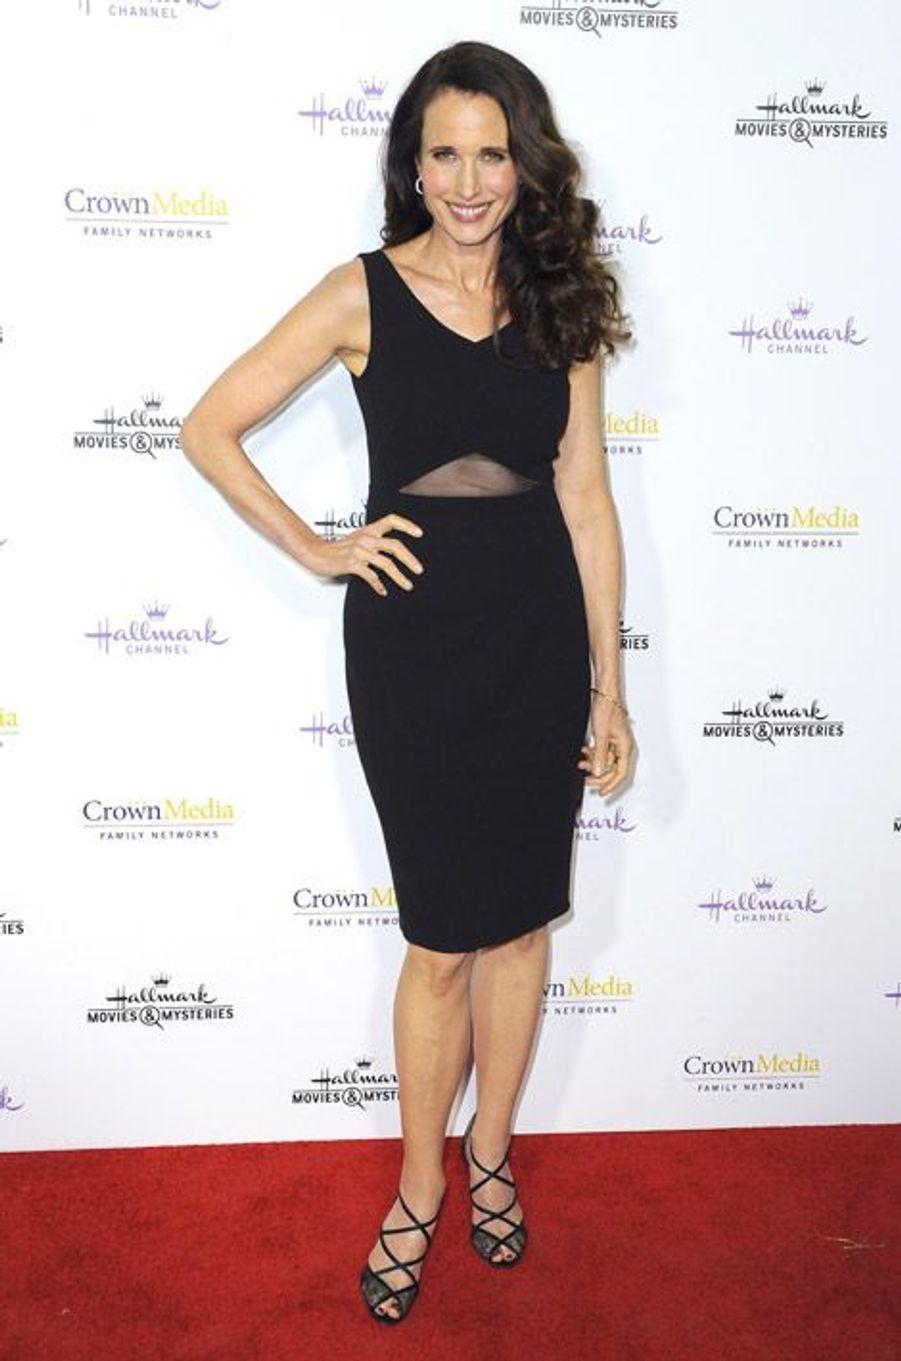 L'actrice Andie MacDowell lors d'une soirée à Los Angeles, le 8 janvier 2015